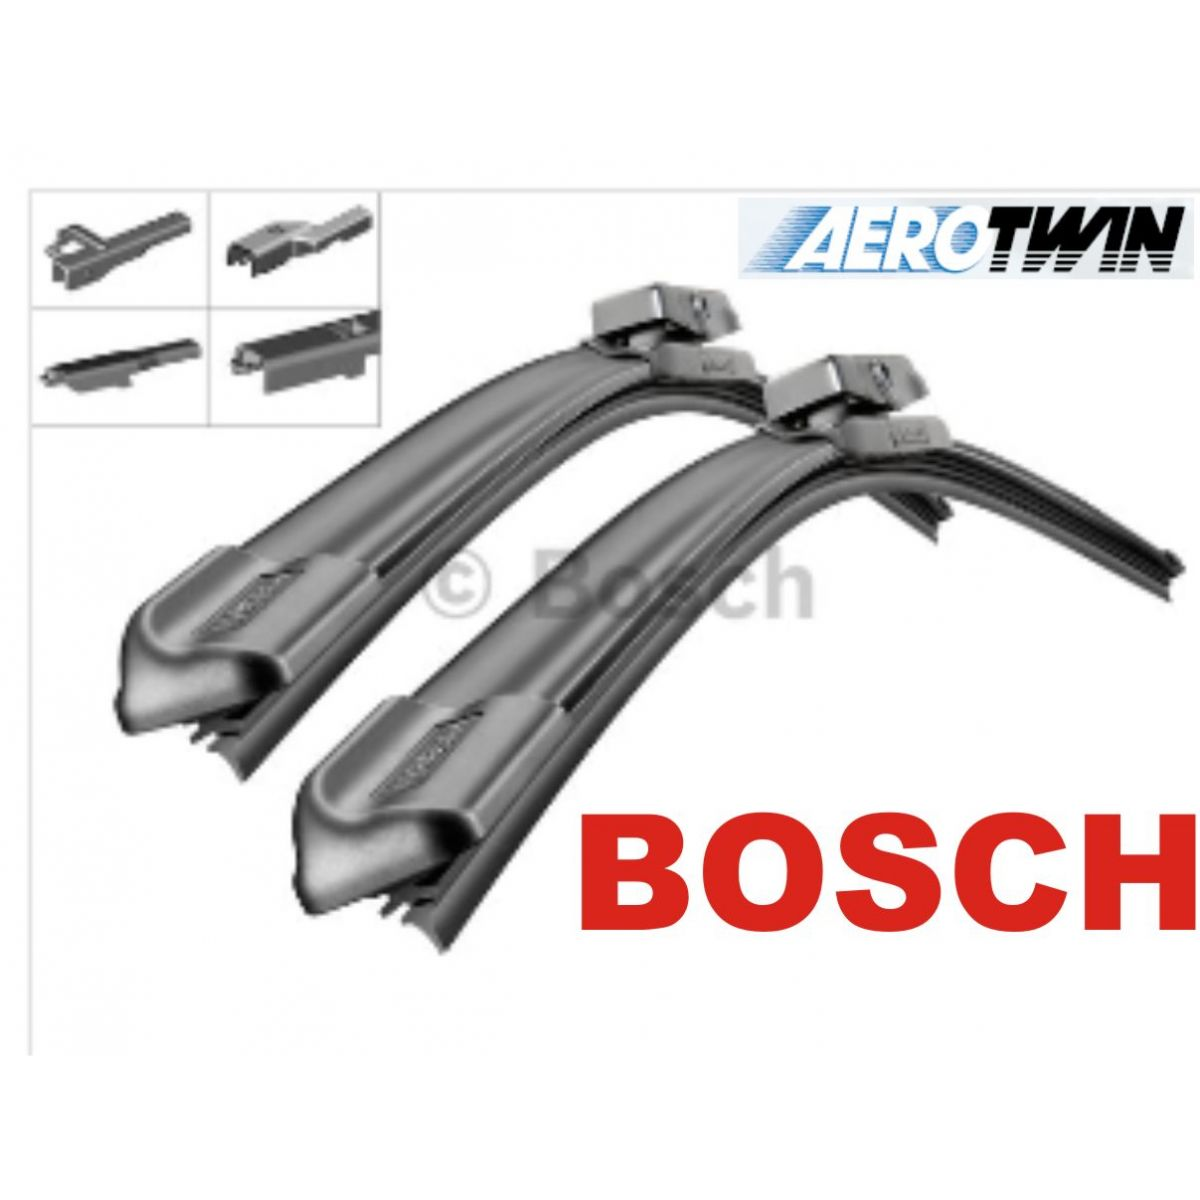 Palheta Bosch Aerotwin Plus Limpador de para brisa Bosch BMW Série 7 (F 04) Hybrid